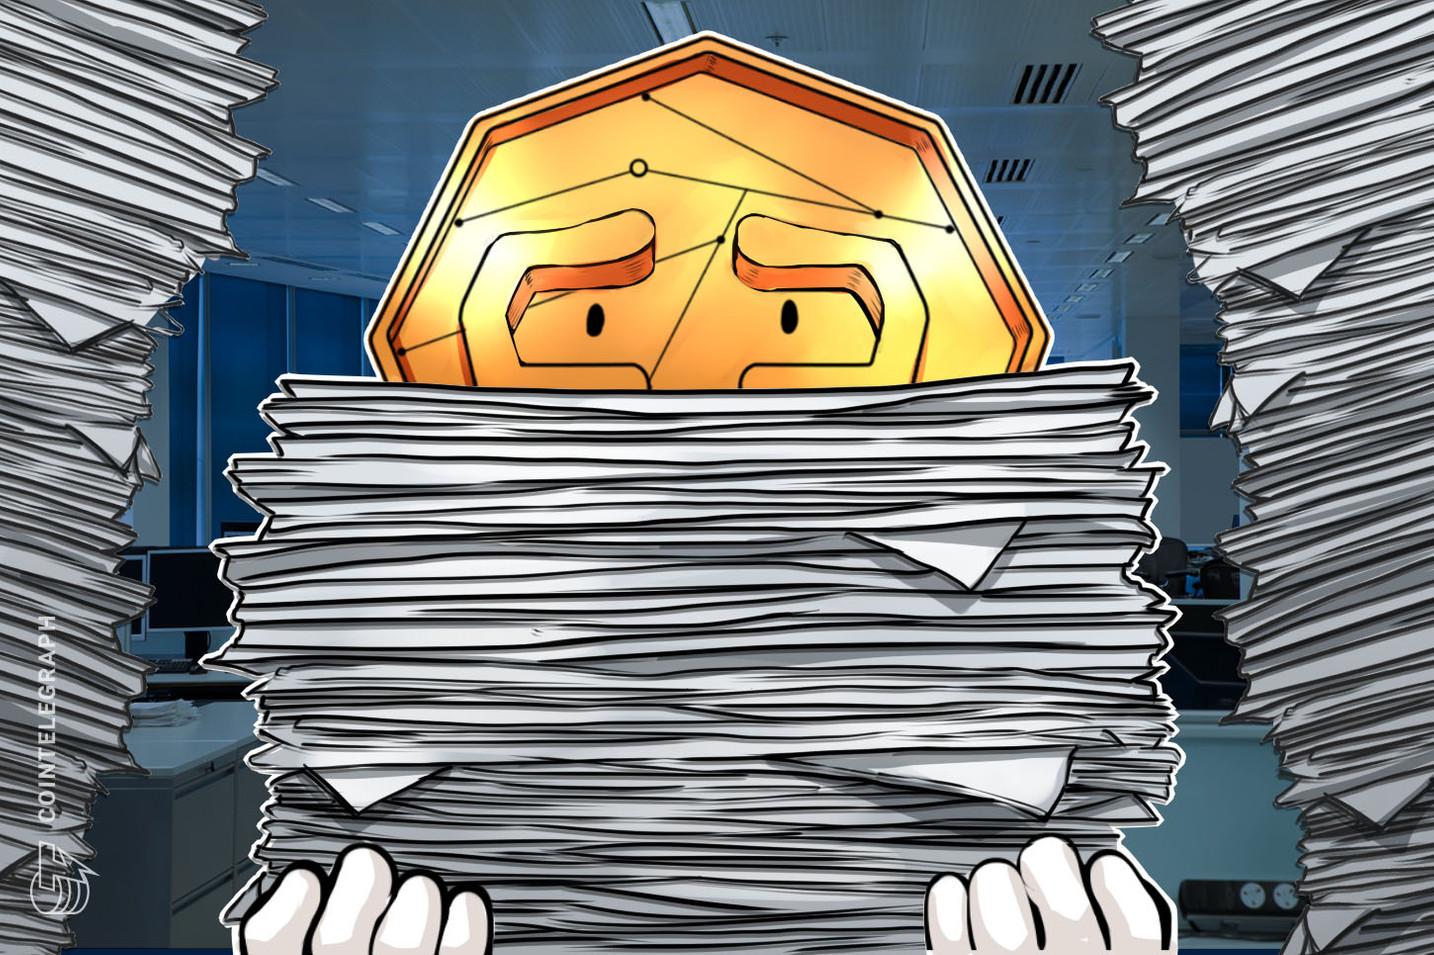 17,000 acreedores esperan recuperar los activos perdidos en el extinto exchange QuadrigaCX